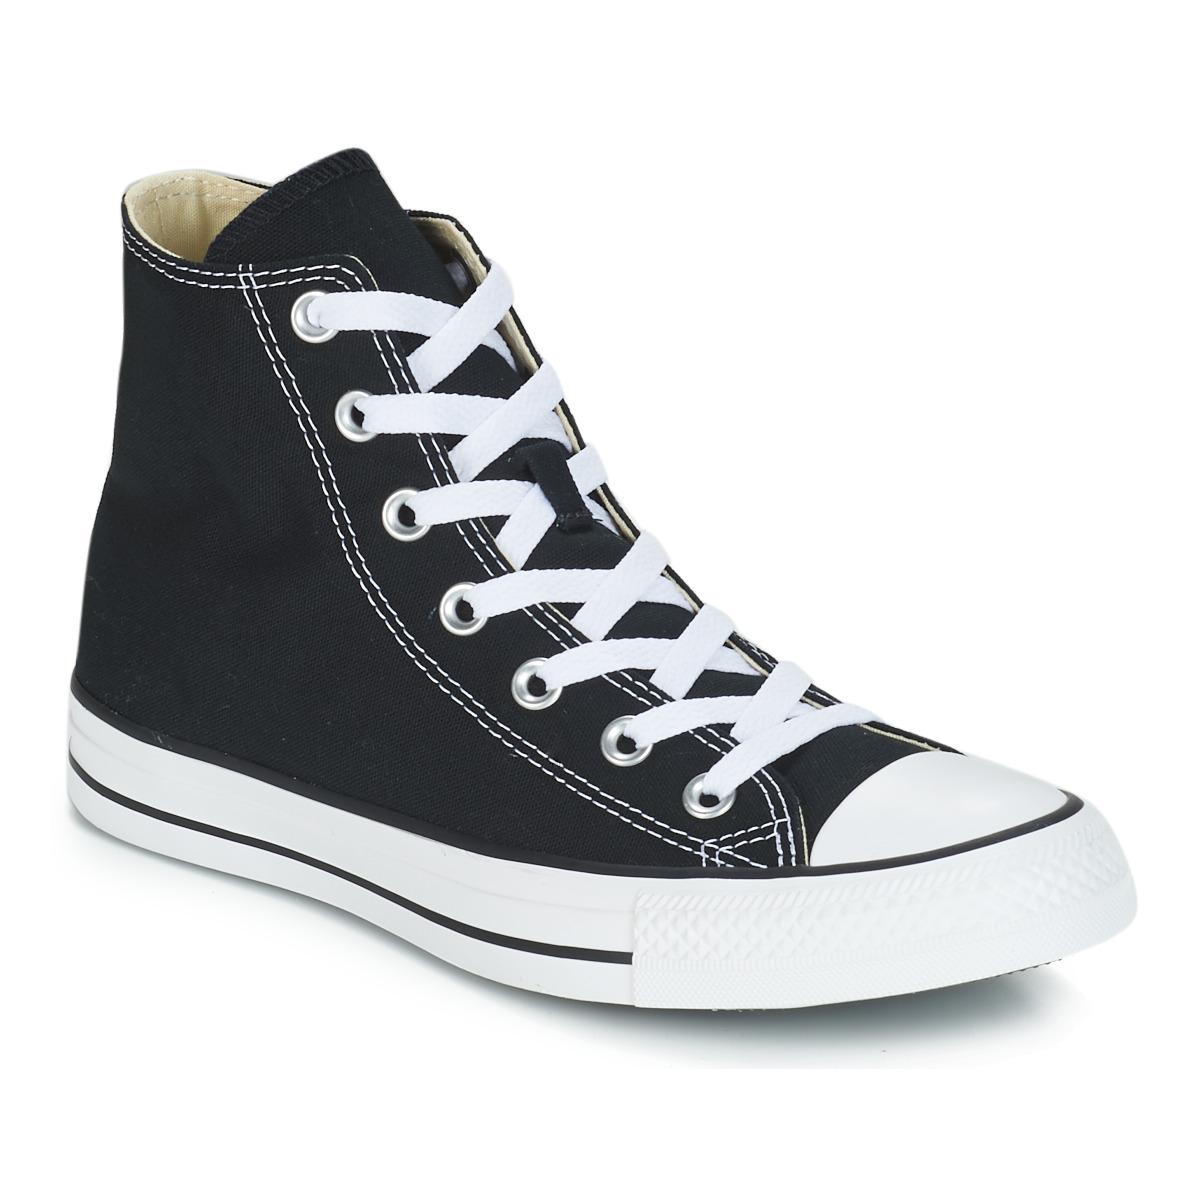 Sneakers alte uomo Converse CHUCK TAYLOR ALL STAR CORE HI Nero